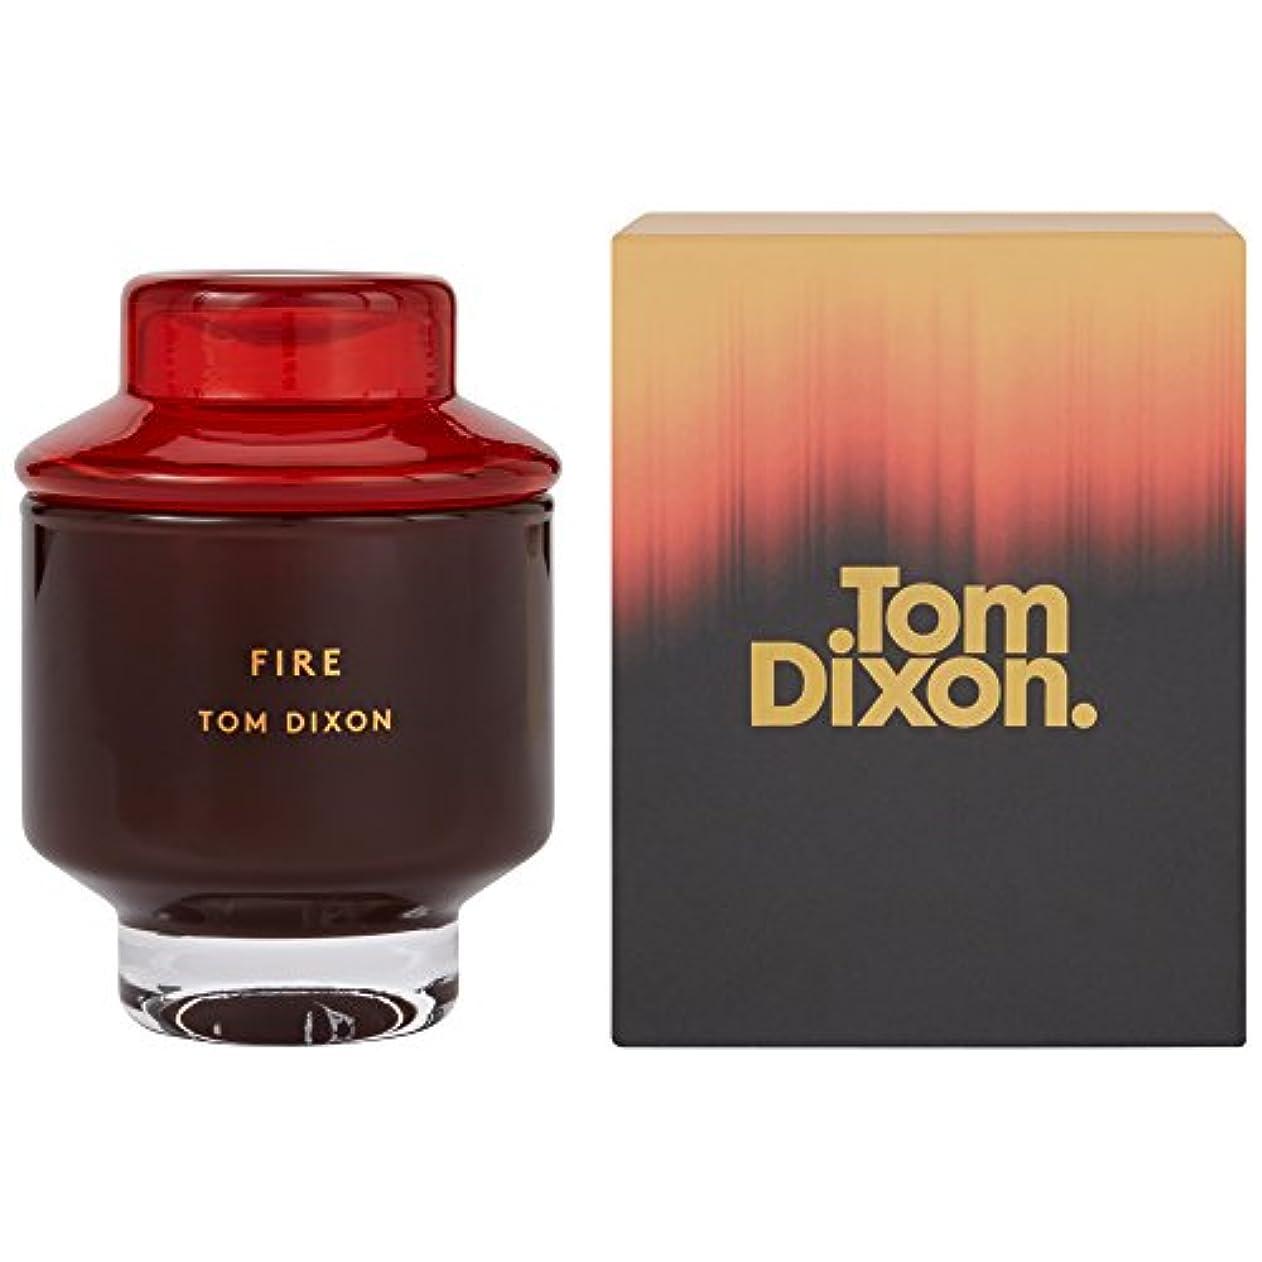 装備する成功ラッドヤードキップリングTom Dixon Fire Scented Candle Medium - トム?ディクソン火災香りのキャンドル媒体 [並行輸入品]